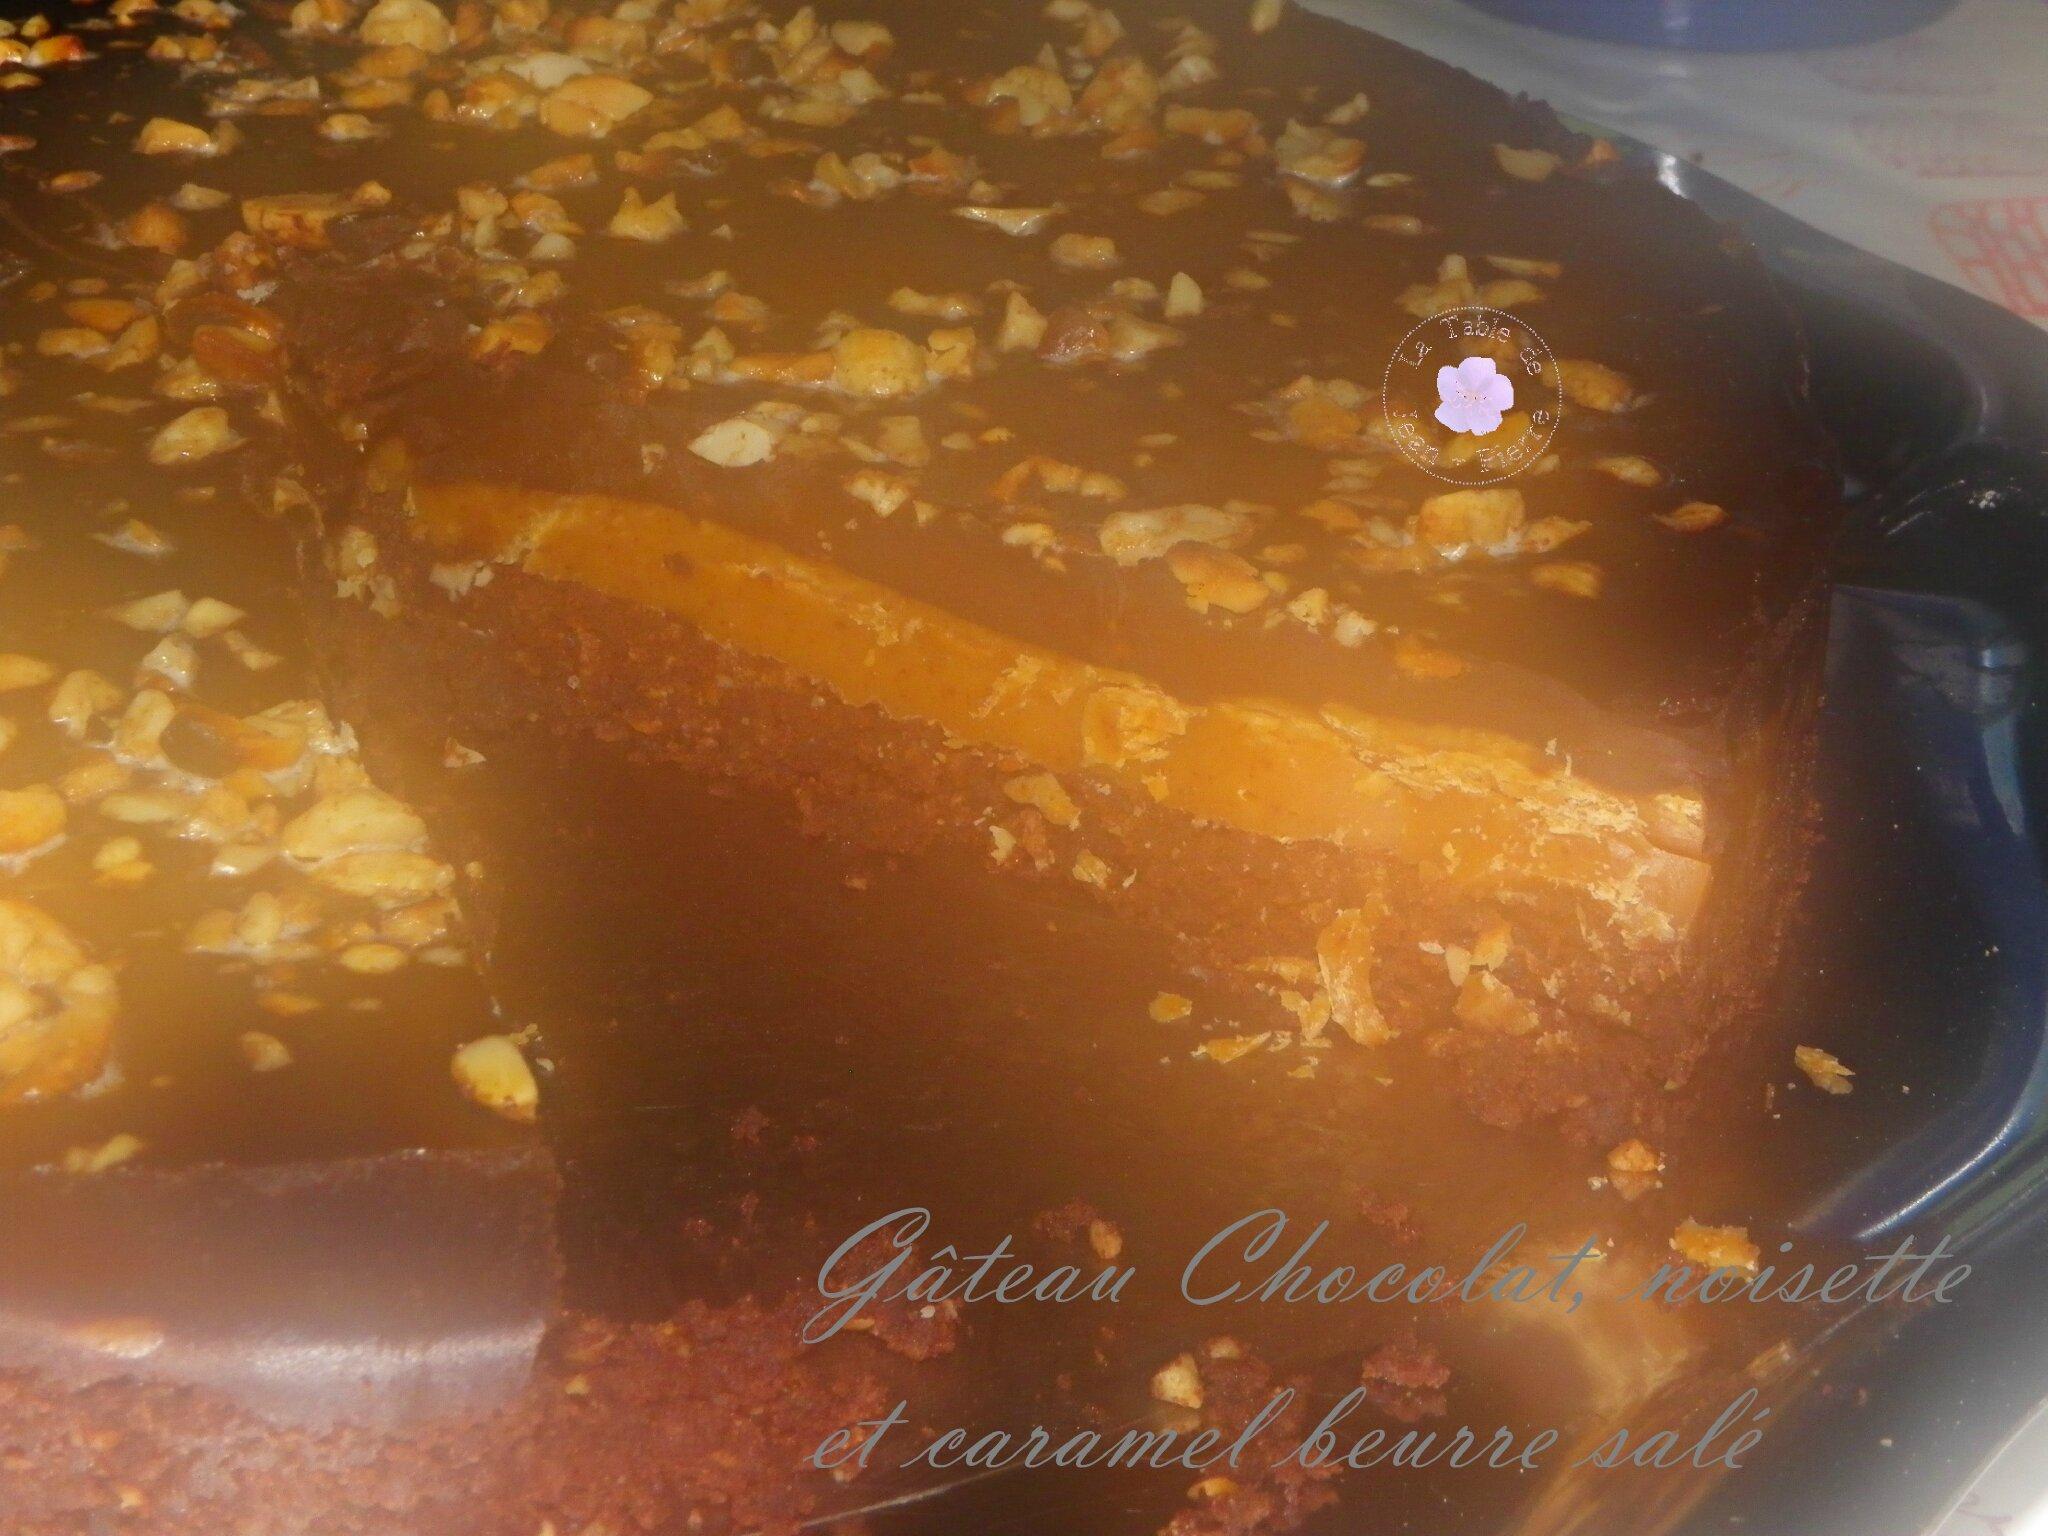 Gâteau au chocolat, Noisettes et Caramel Beurre salé.